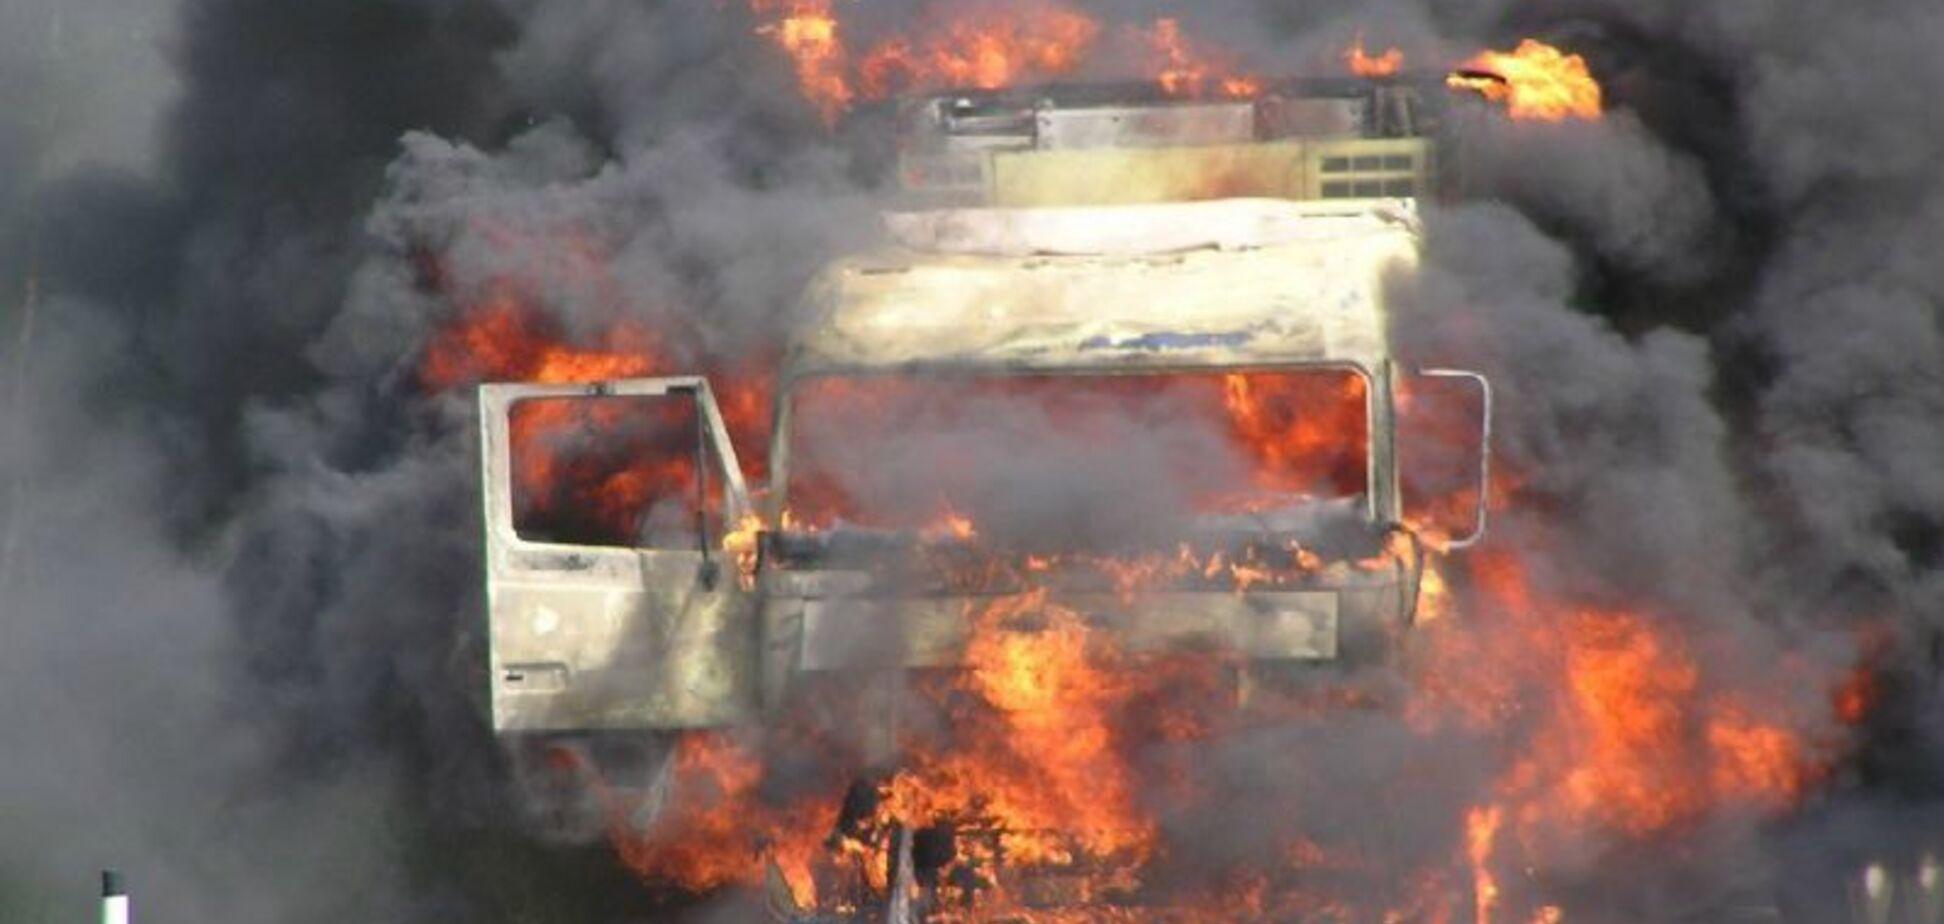 Загорілась на ходу: в Дніпрі сталася надзвичайна подія з вантажівкою